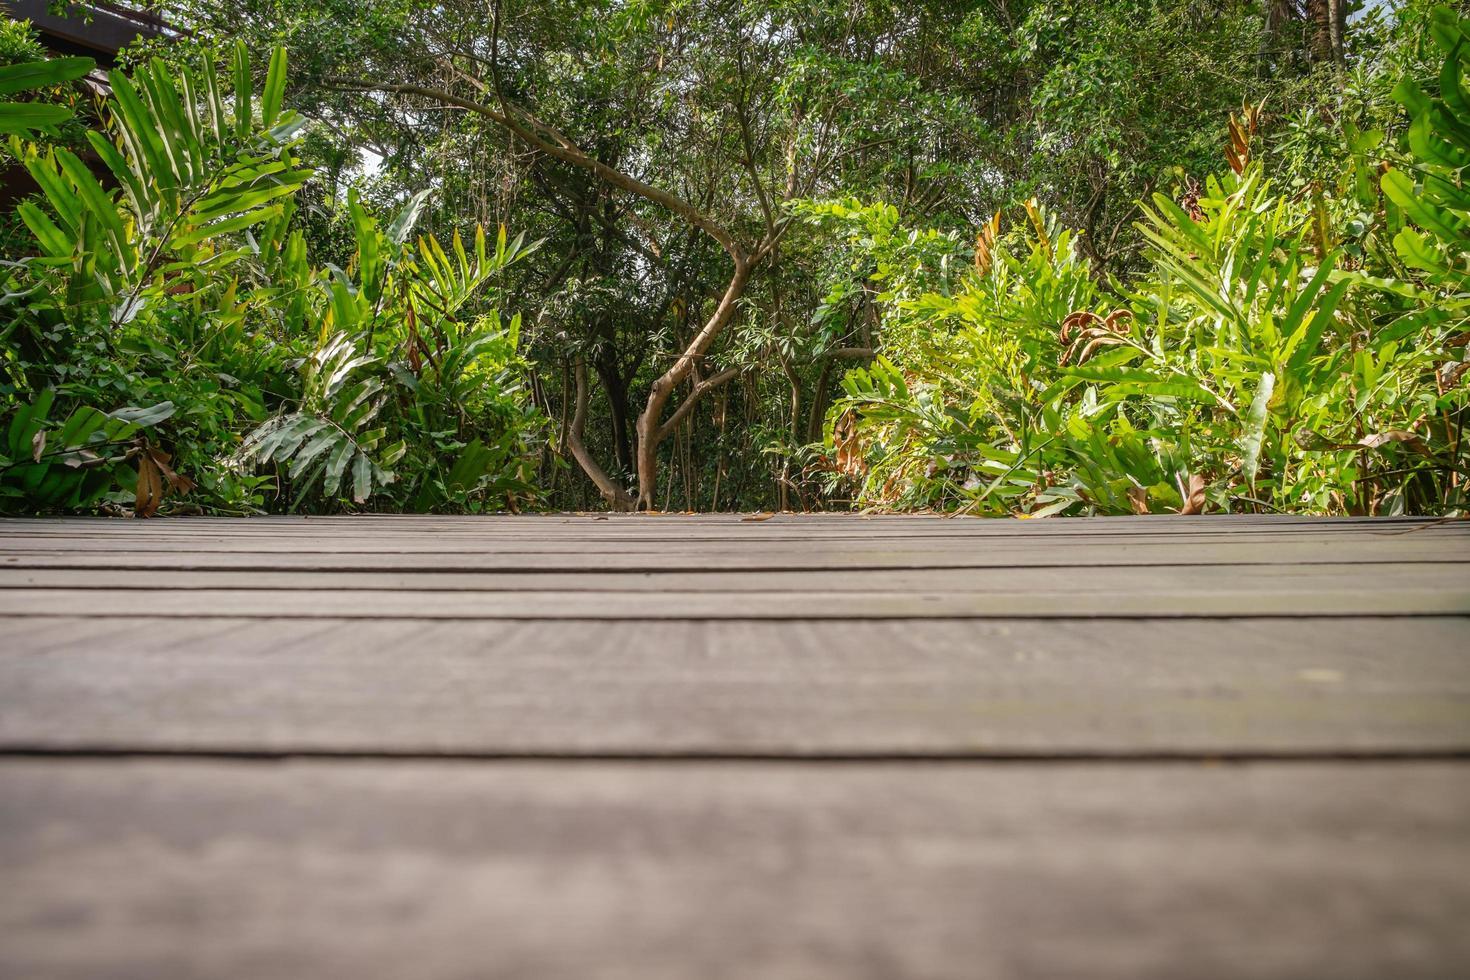 Low angle view of plancher en bois sombre avec forêt verte luxuriante photo